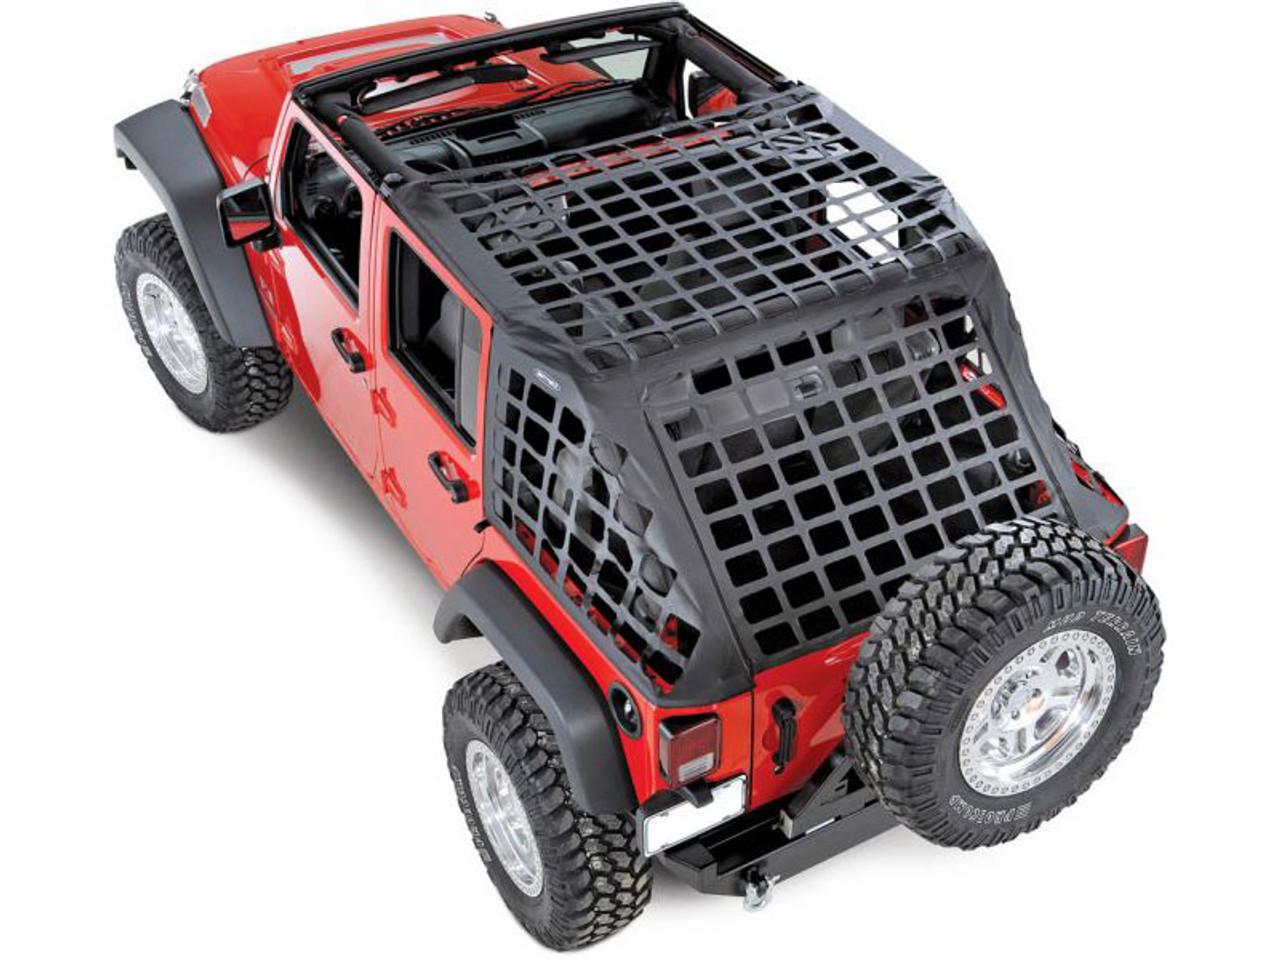 Smittybilt 581035 C-RES Cargo System for Jeep Wrangler JK 4 Door Unlimited 2007-2016